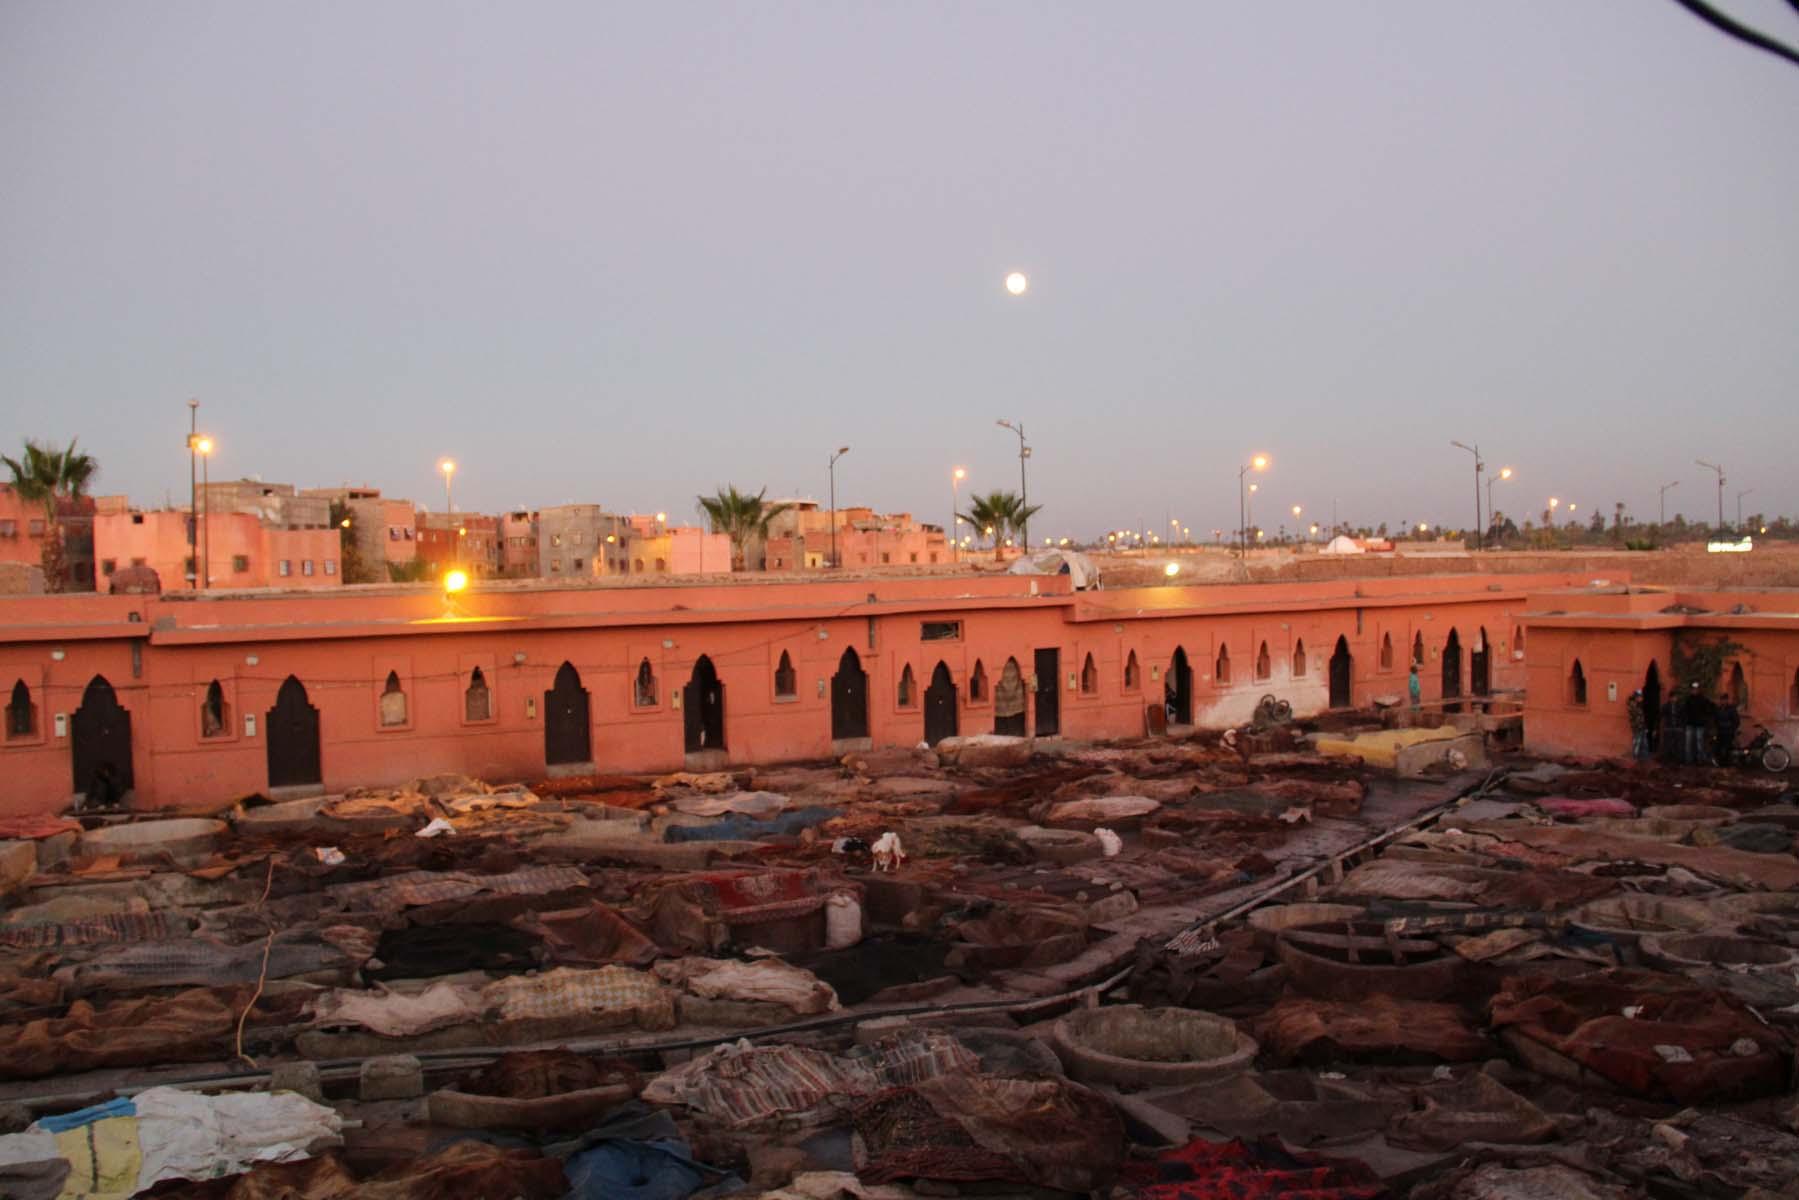 Vue sur les tanneries de Marrakech lors du coucher de soleil